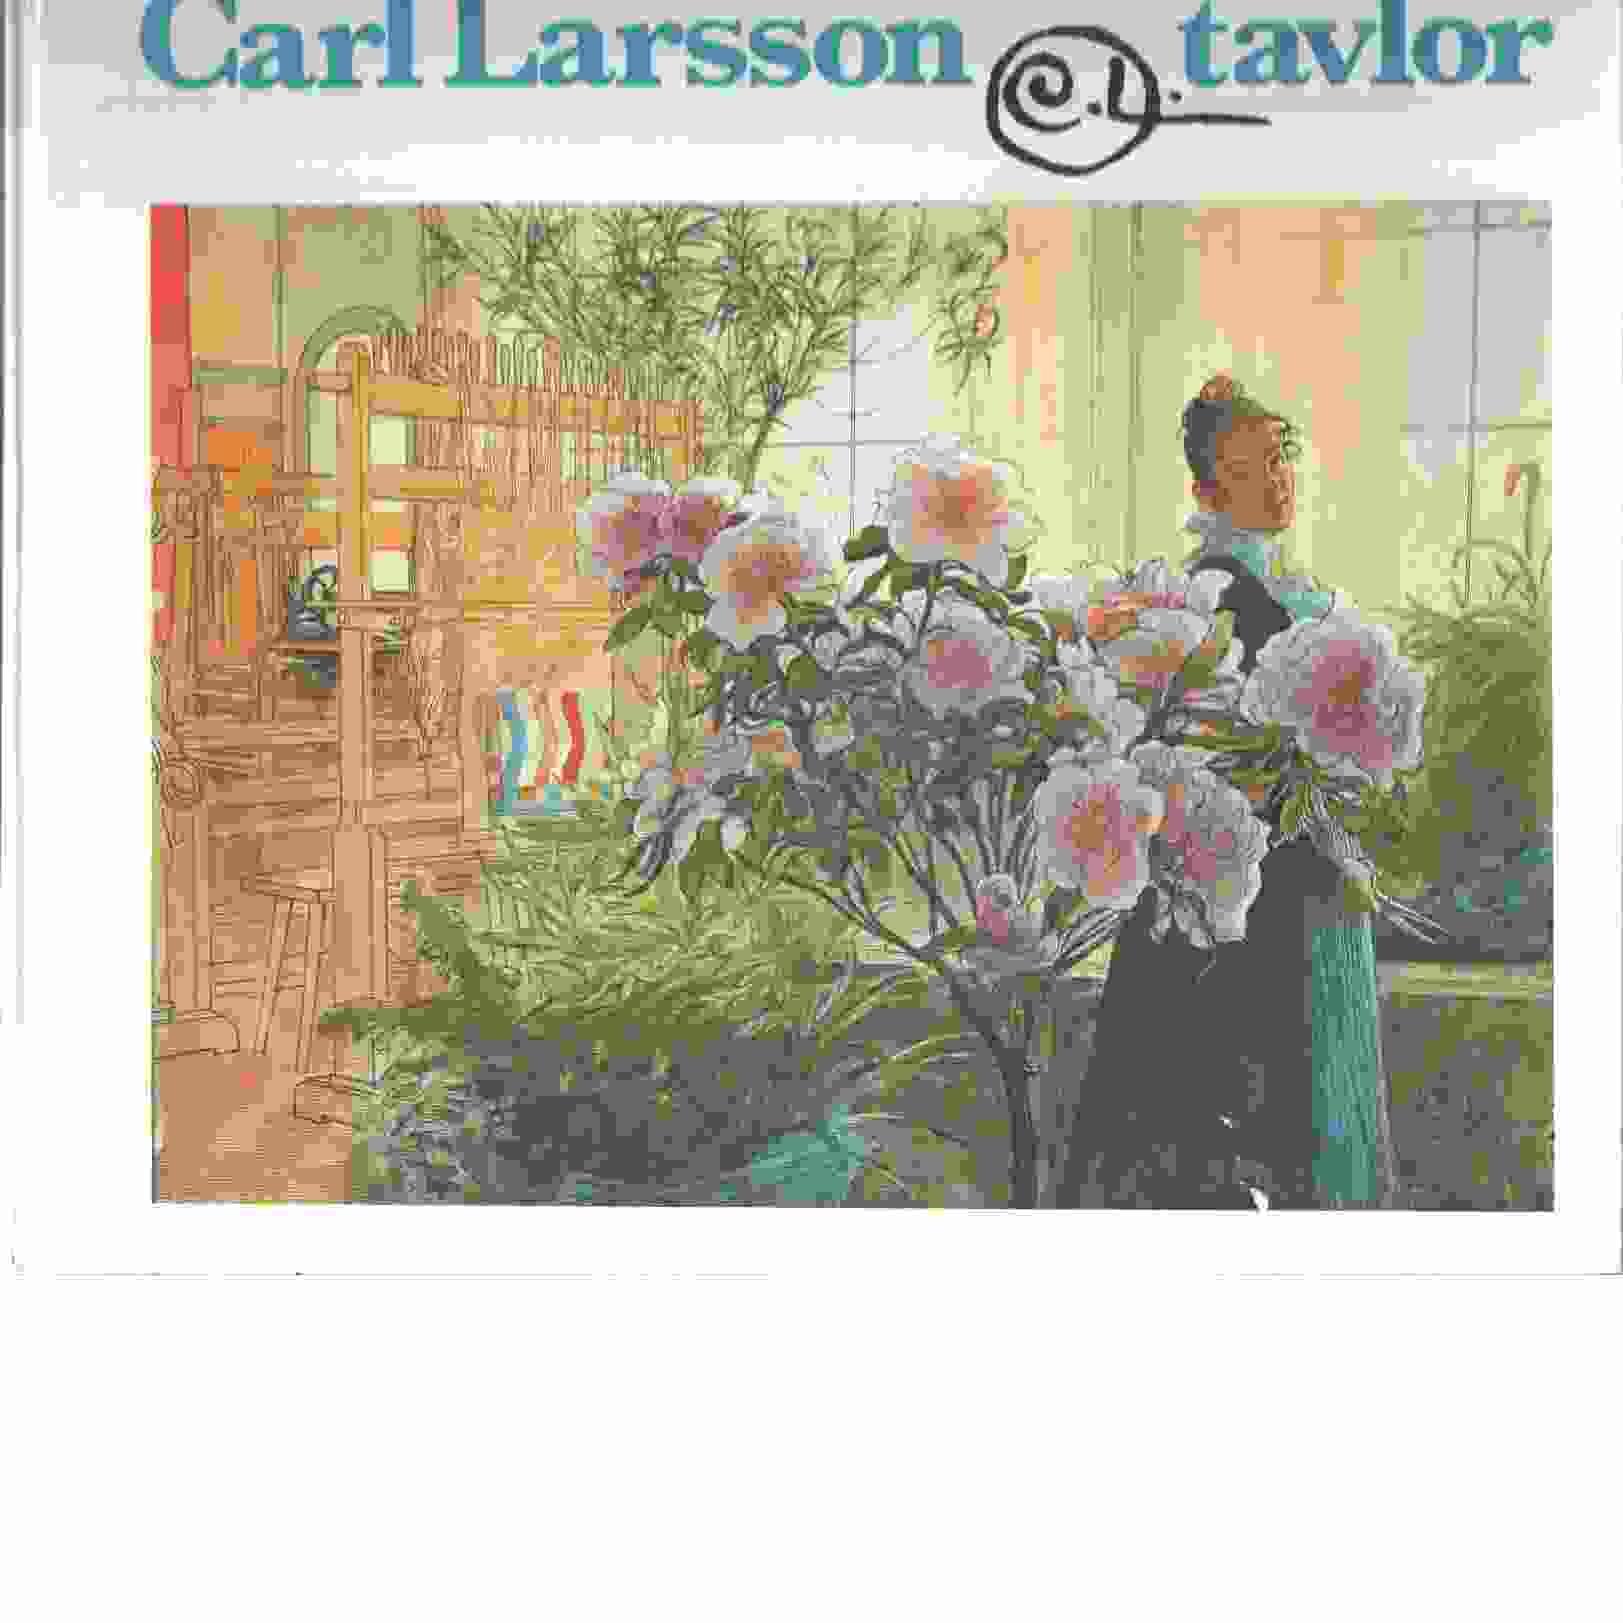 Carl Larsson-tavlor / [förord och biografi av Stig Ranström] - Larsson, Carl